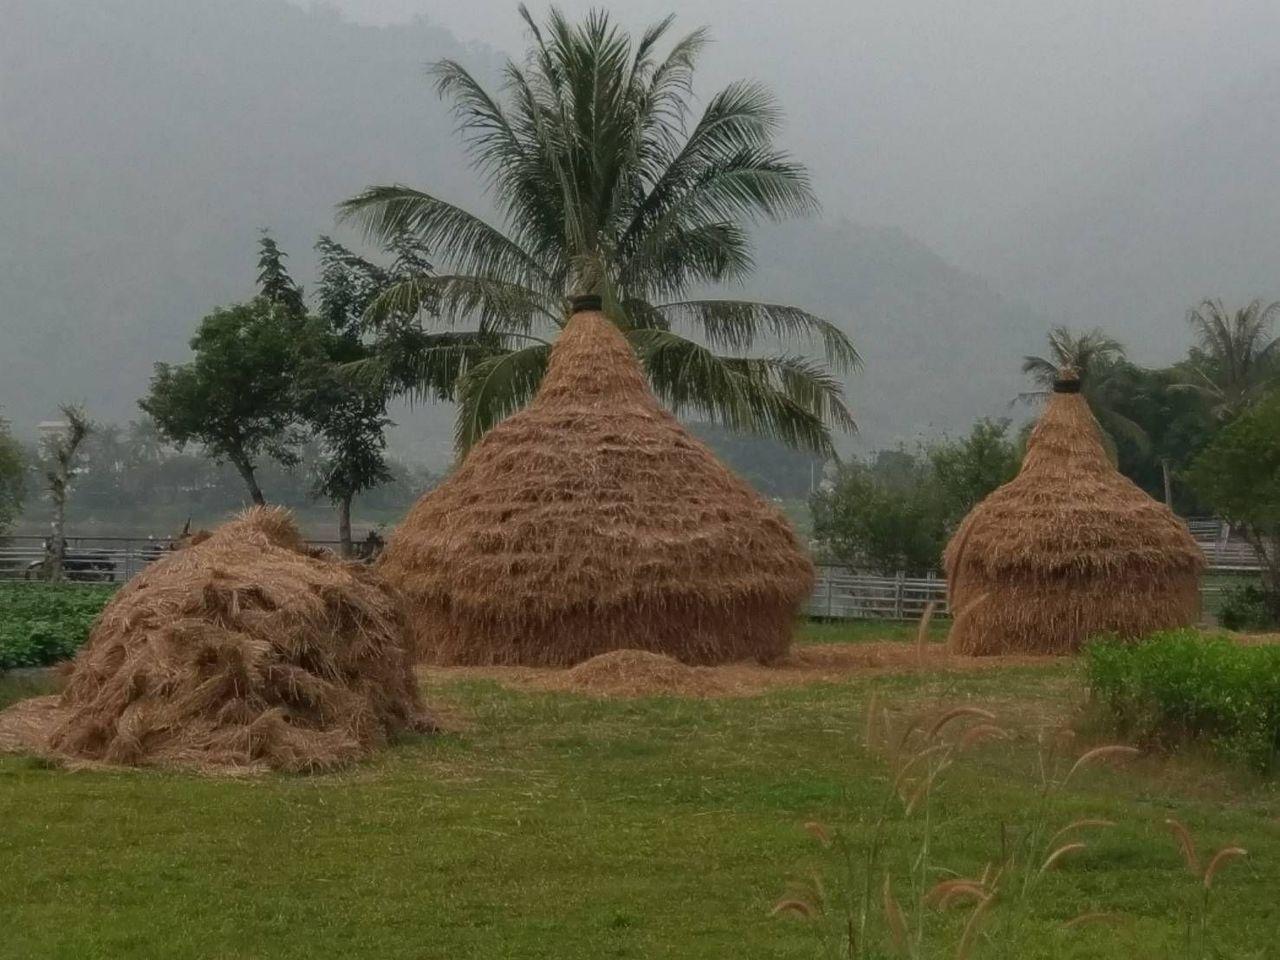 美濃湖畔稻草藝術地景區,展至明年2月20日結束。記者徐白櫻/攝影